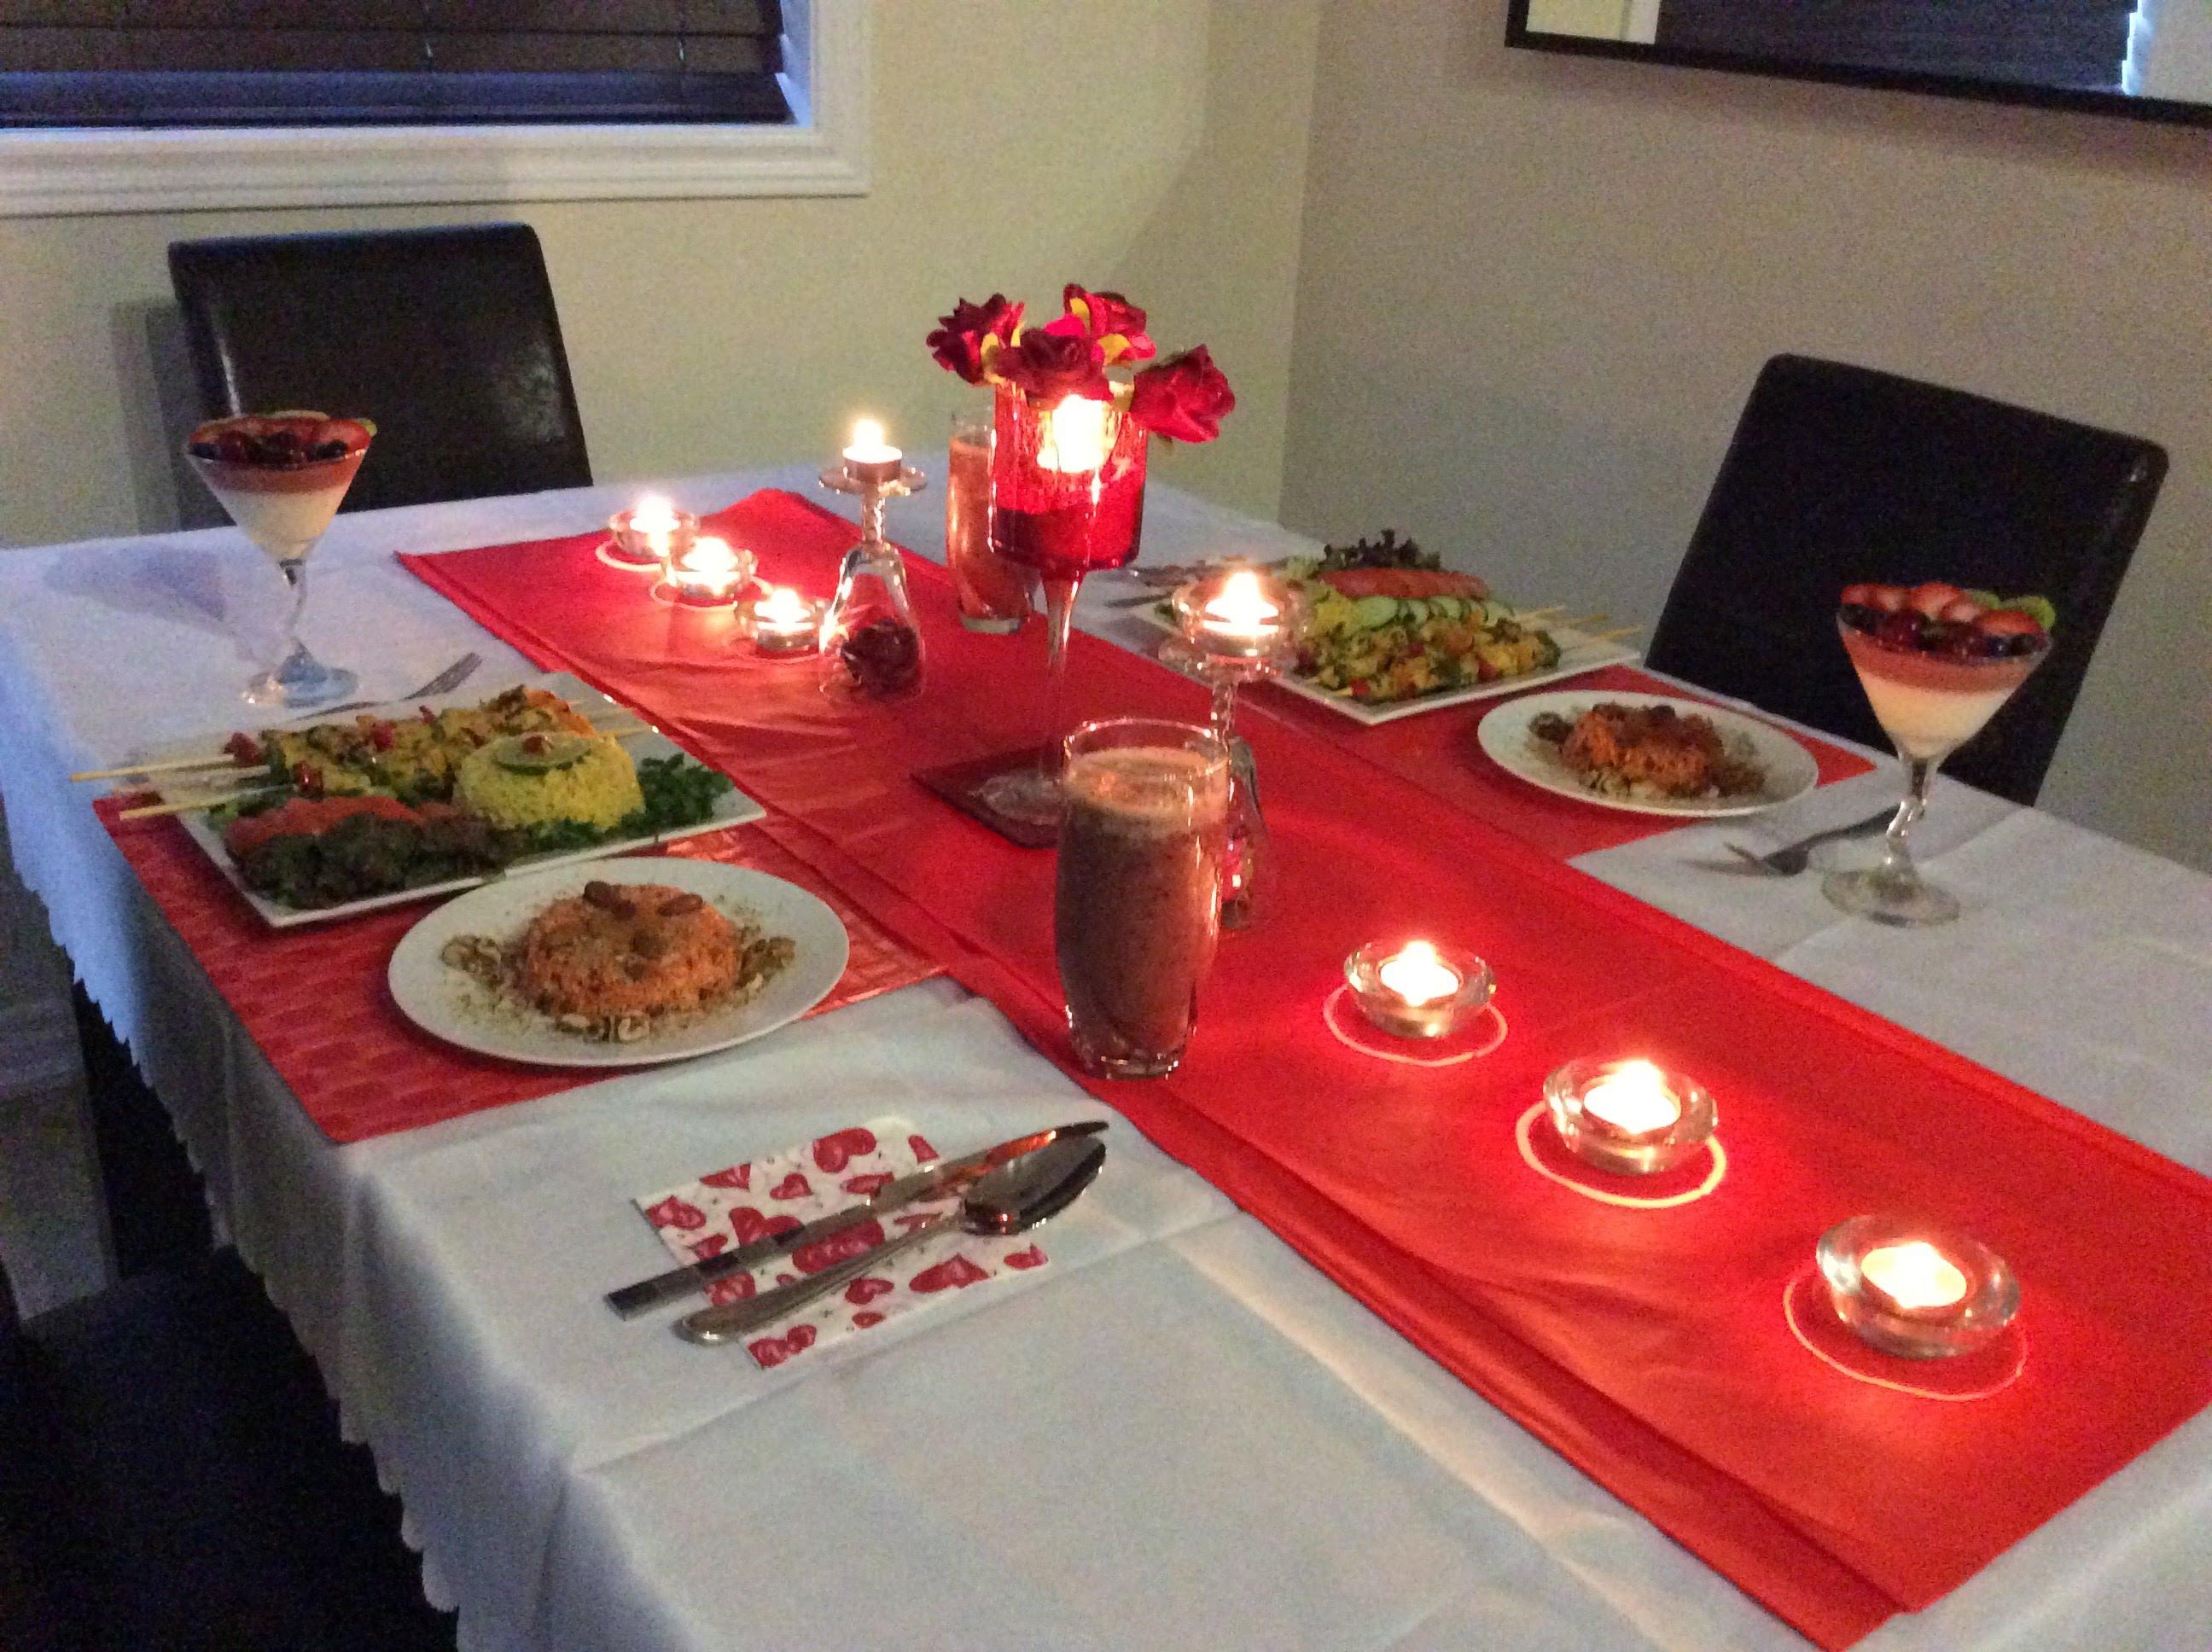 صورة عشاء رومانسي في البيت , اجمل اللحظات فى العشاء الرومانسى على ضوء الشموع